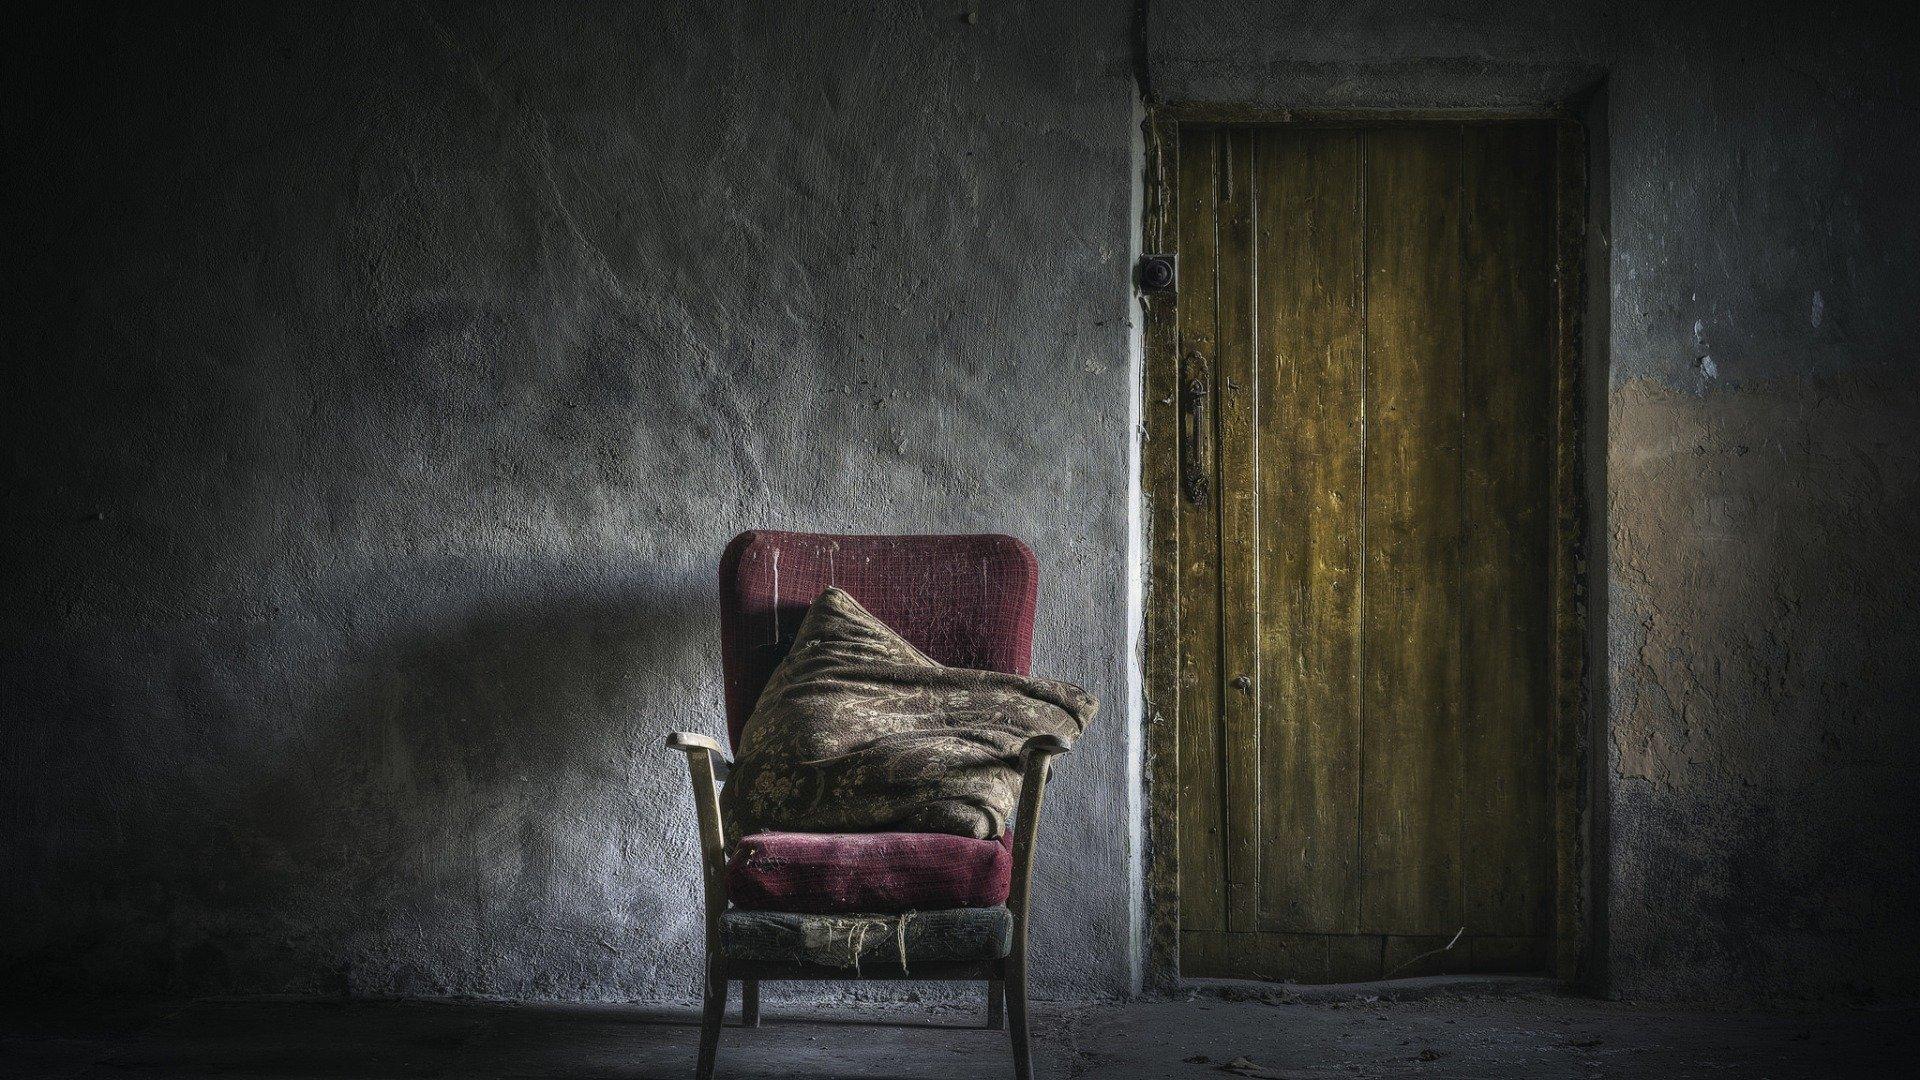 ВЭстонии русская семья лишилась дочери из-за «старых обоев»